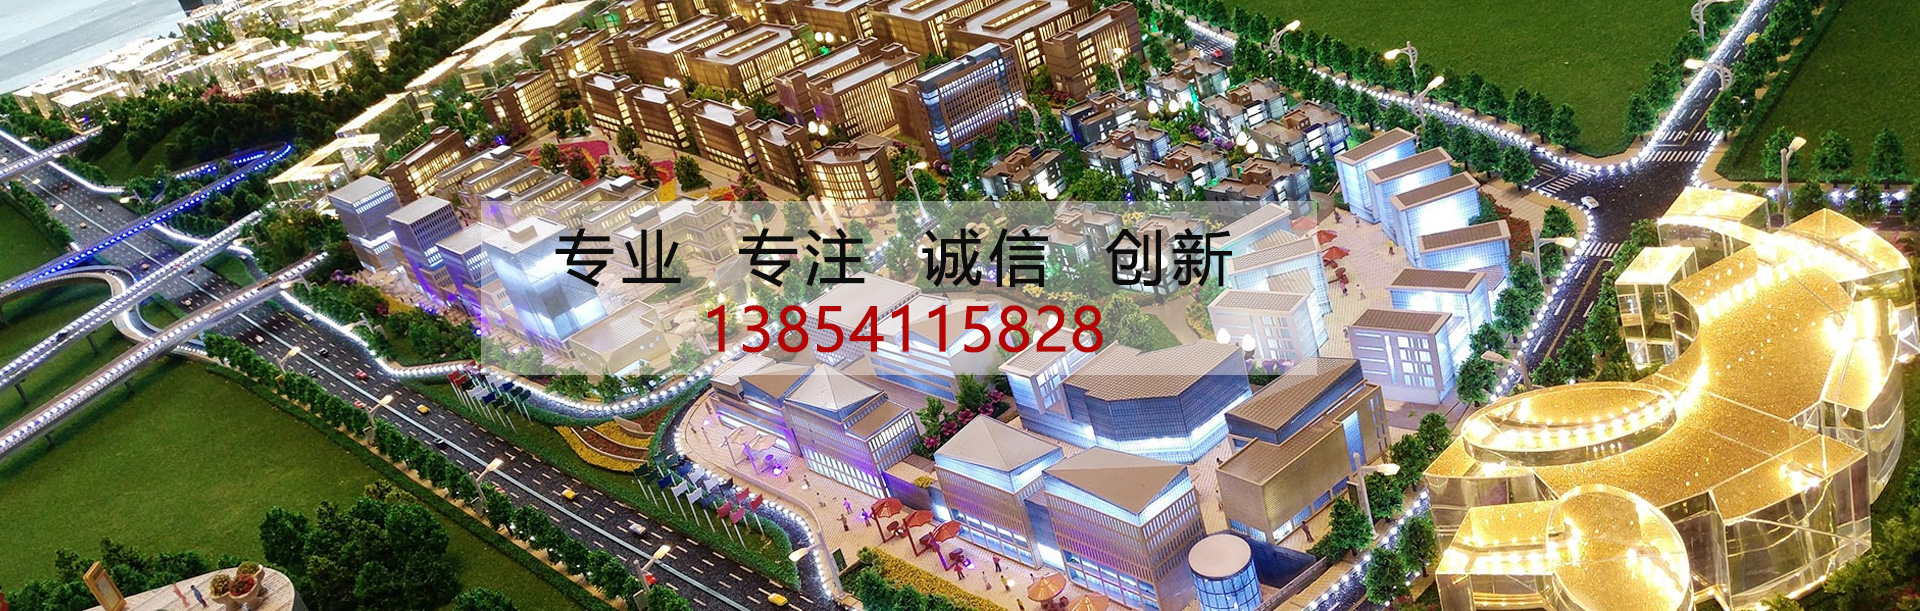 济南沙盘模型公司